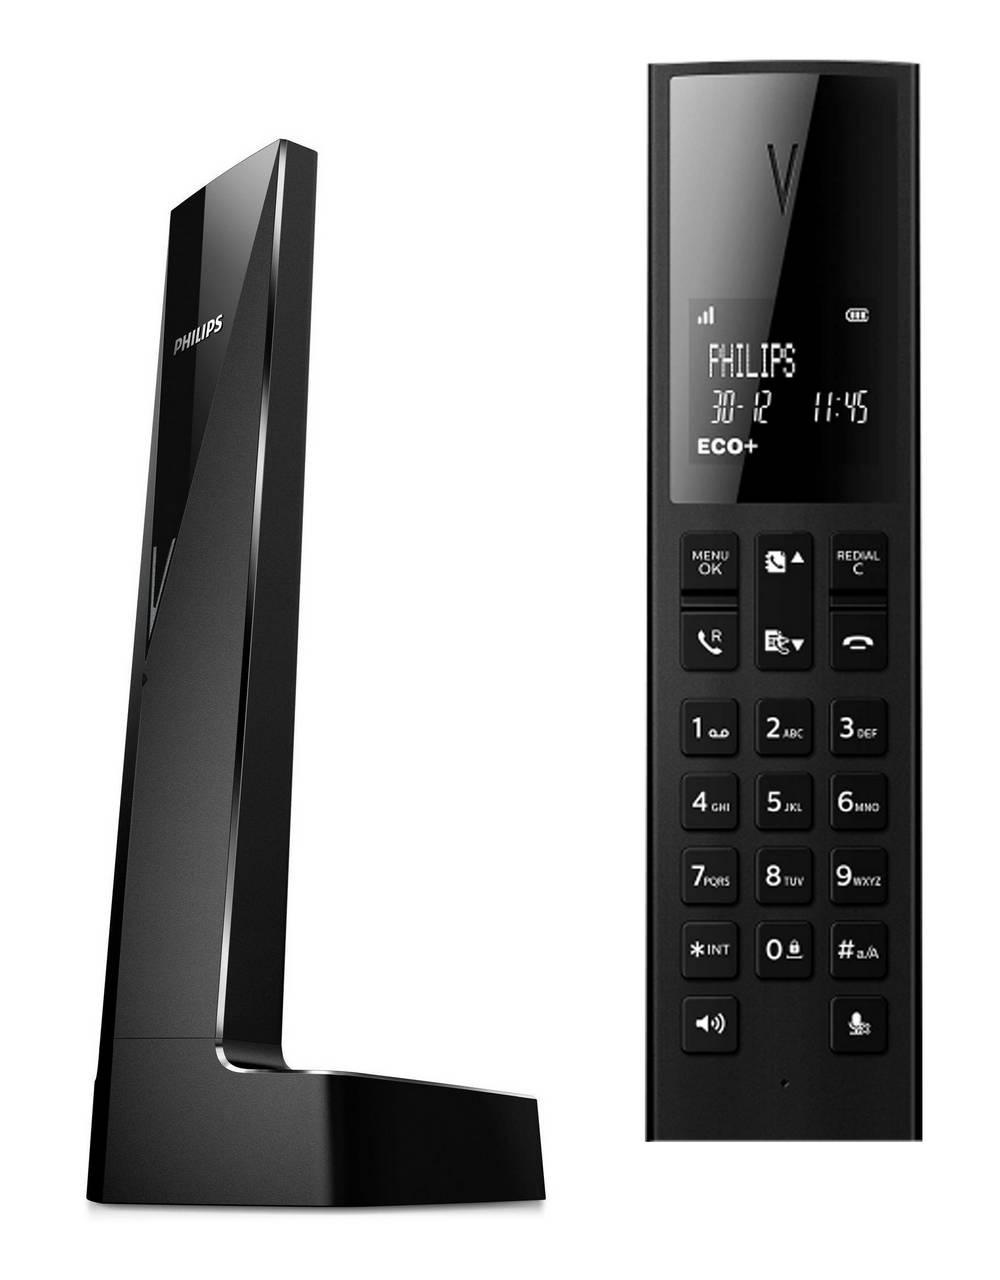 Ασύρματο Ψηφιακό Τηλέφωνο Philips Linea V M3501B/23 Μαύρο με Λειτουργία ECO+